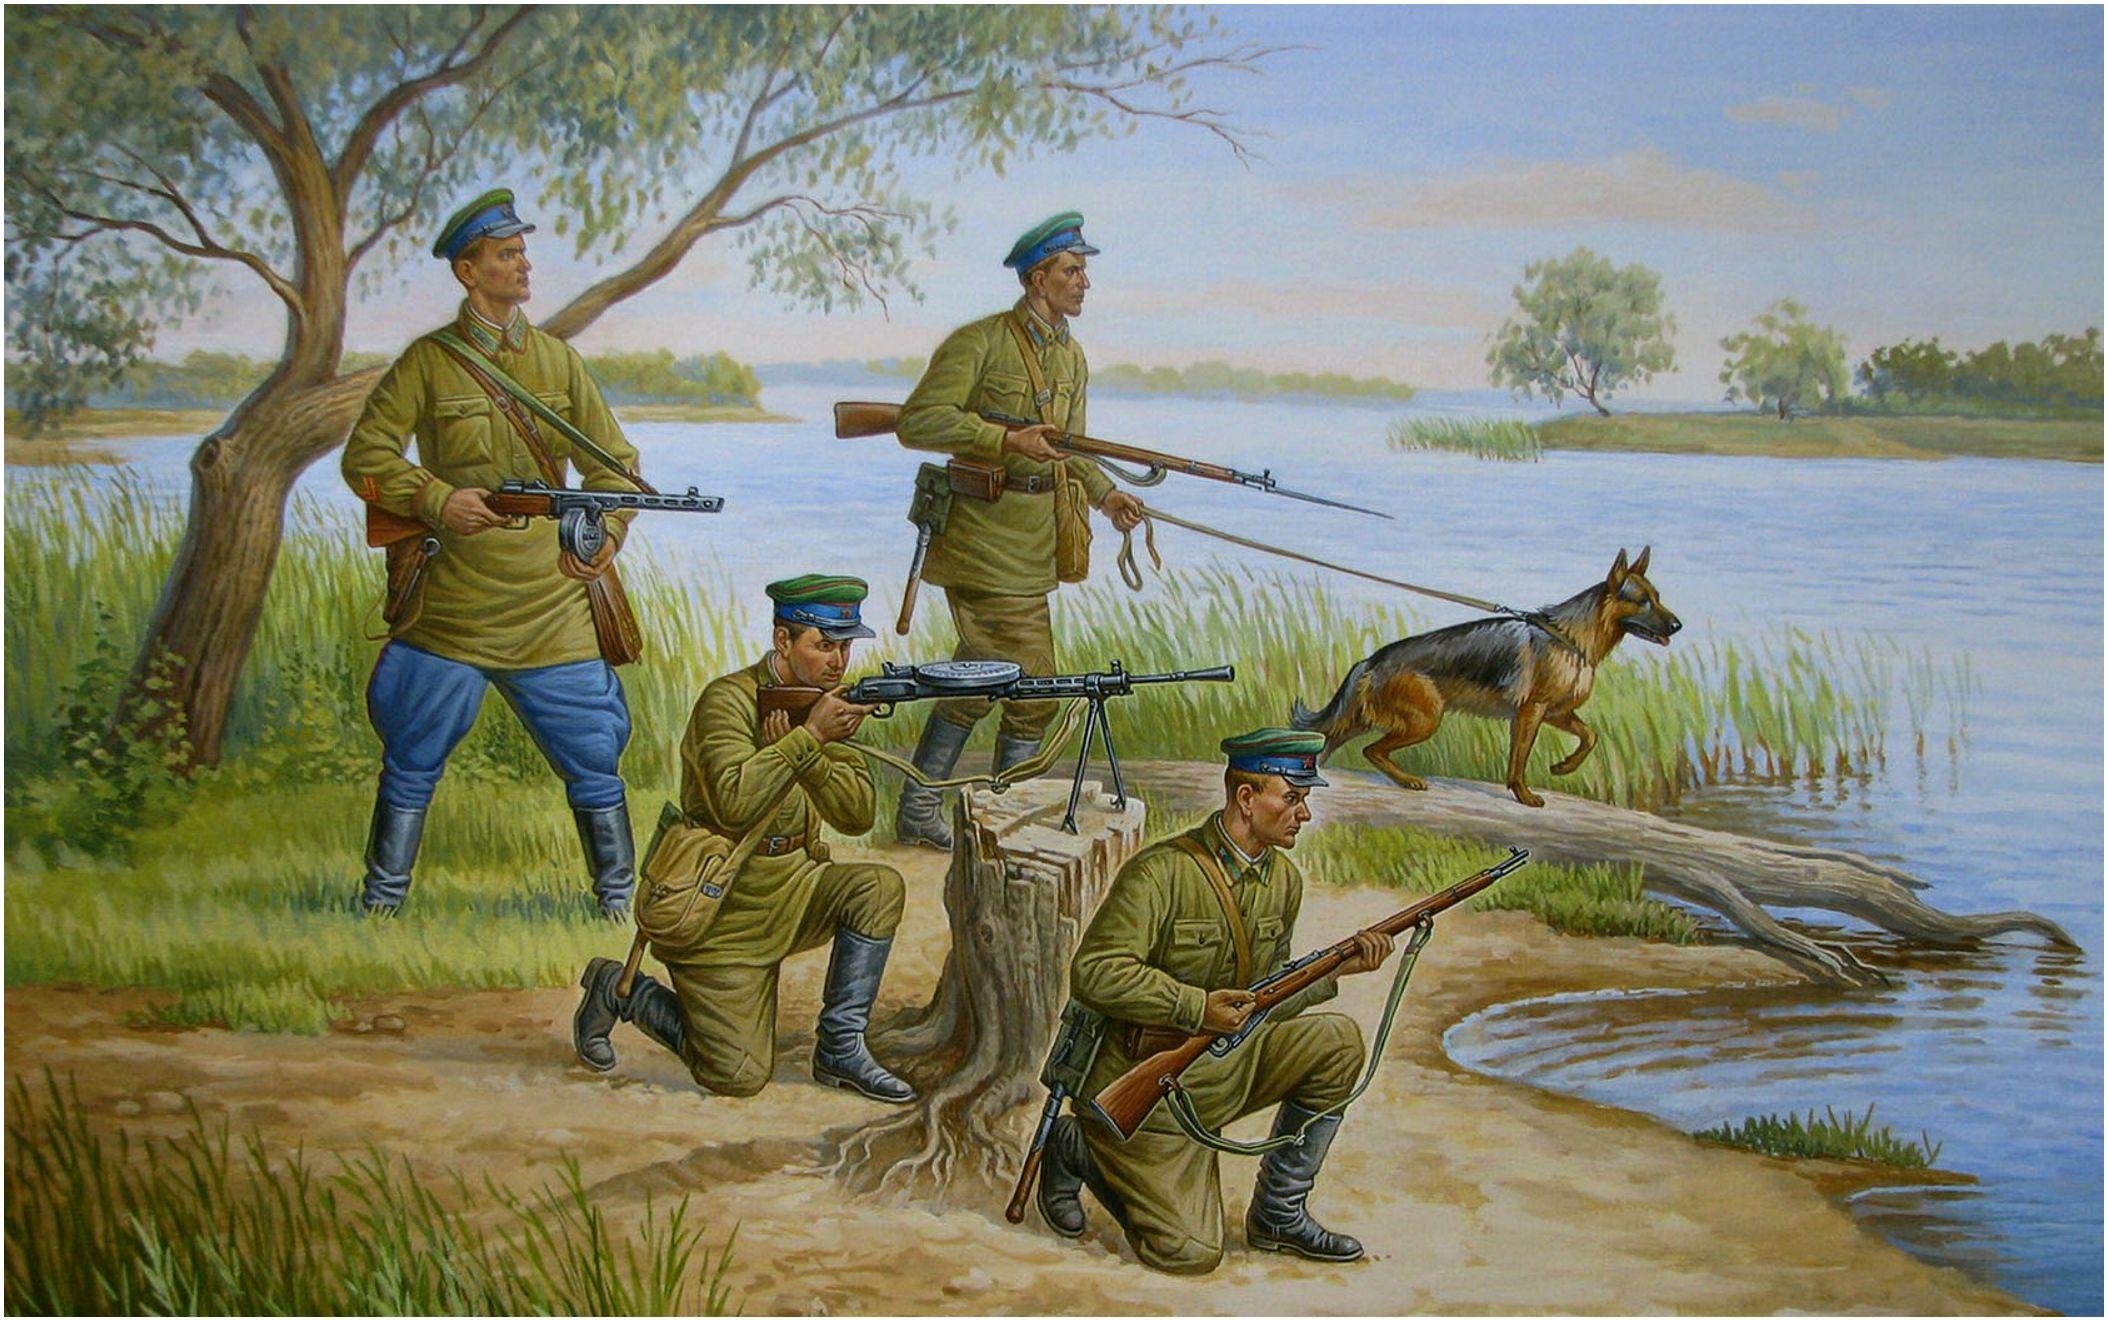 Федоров Олег. Советские пограничники. 1941 год.